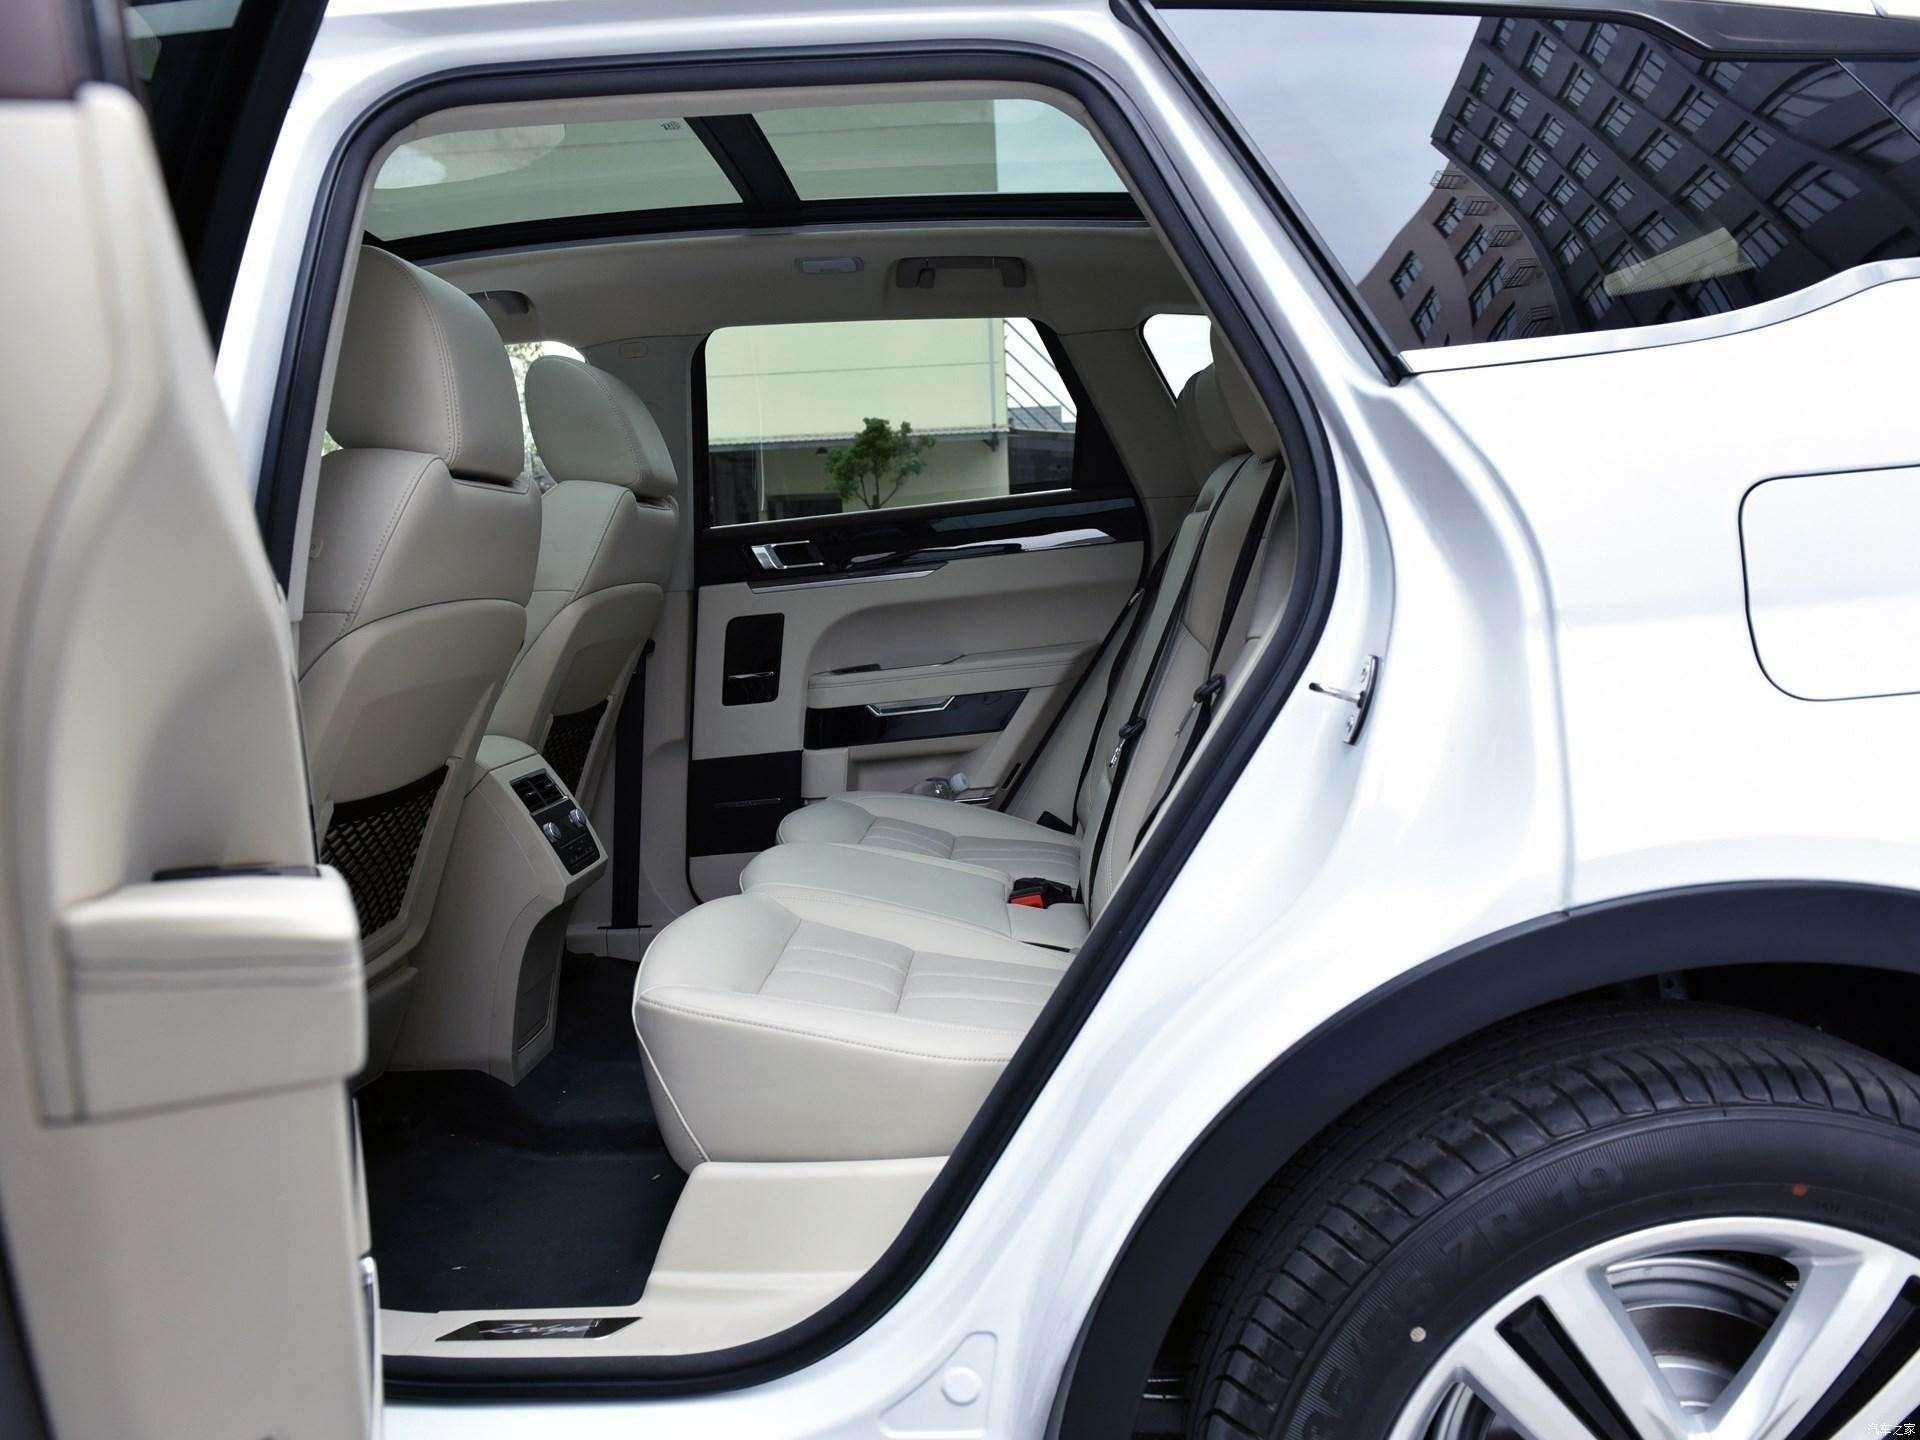 Jaguar иLand Rover водном флаконе: стартовало производство кроссовера Zotye T700— фото 727968